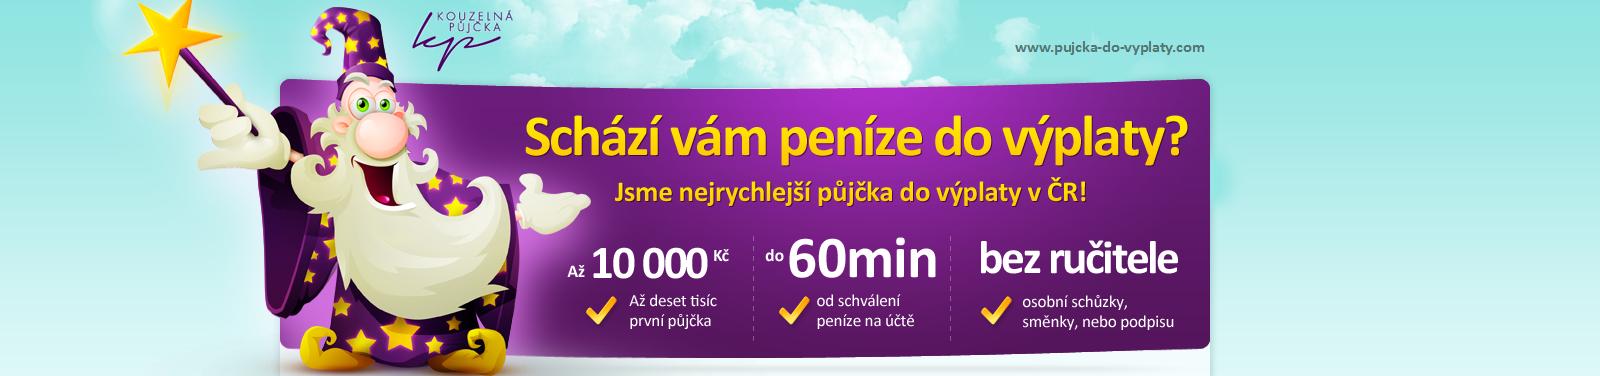 Online pujcky bez registru litvínov kosice image 7